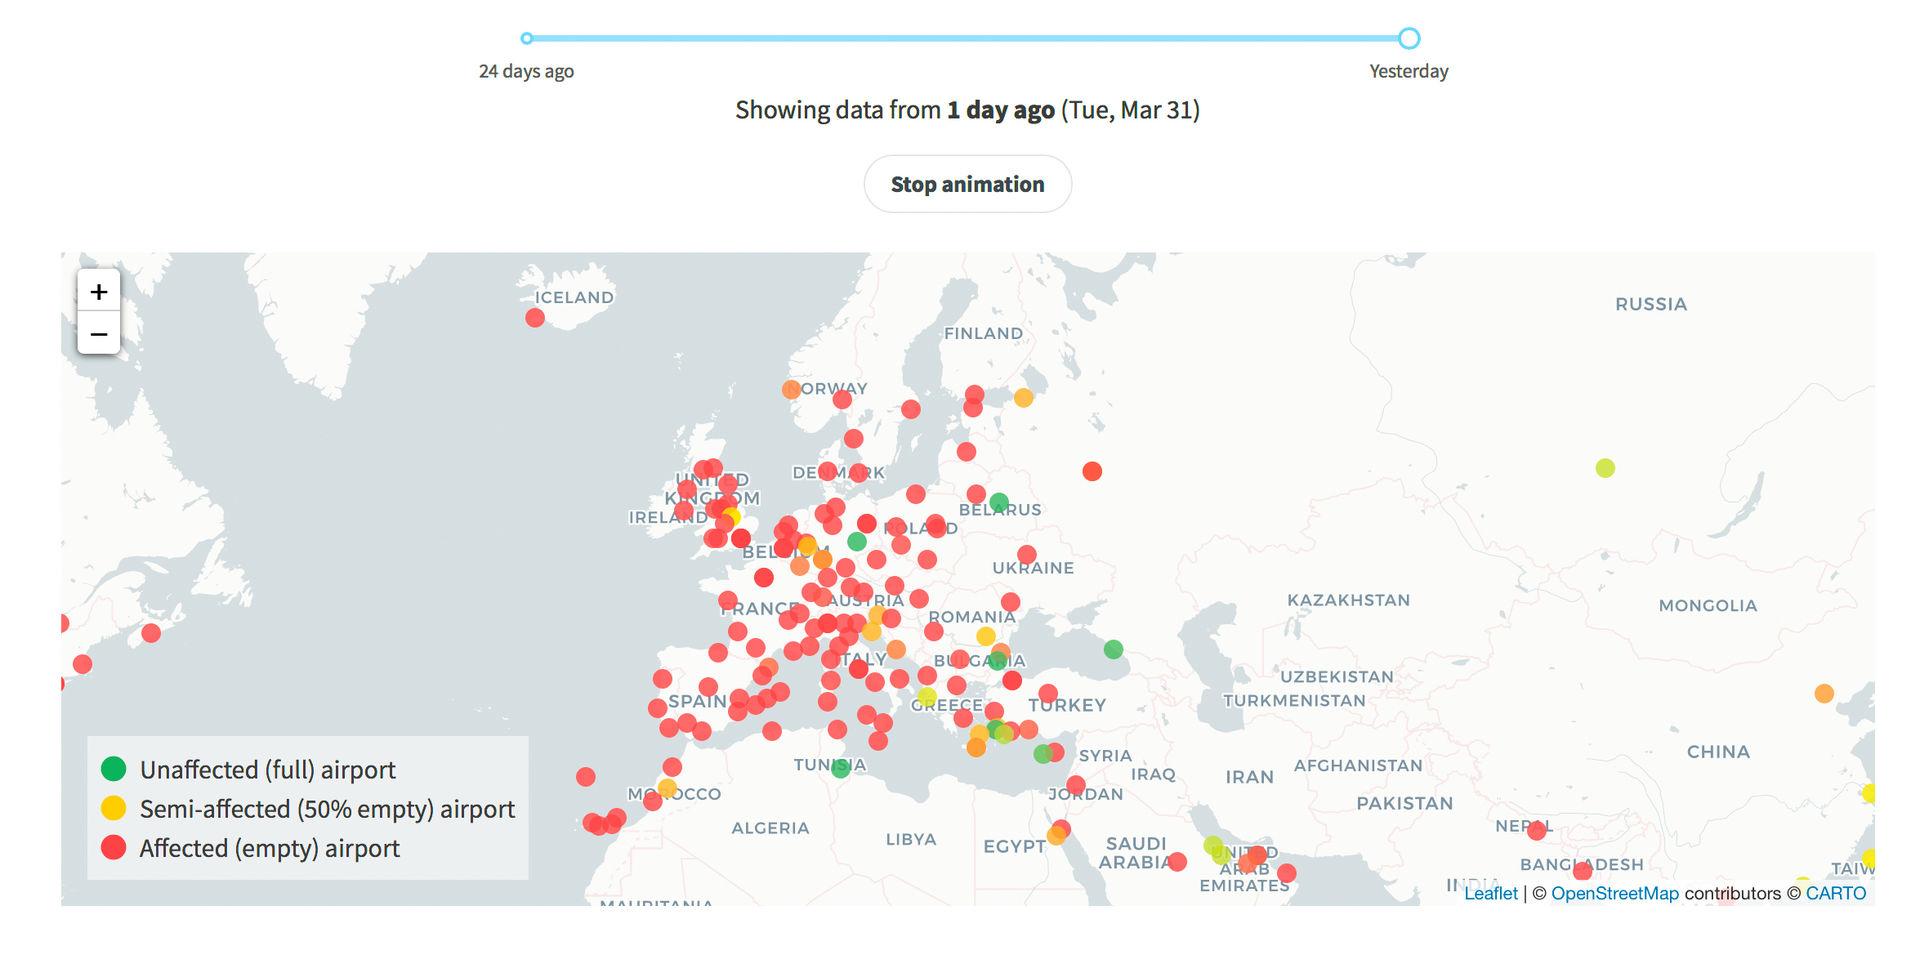 grafica-aeropuertos-europa.jpg